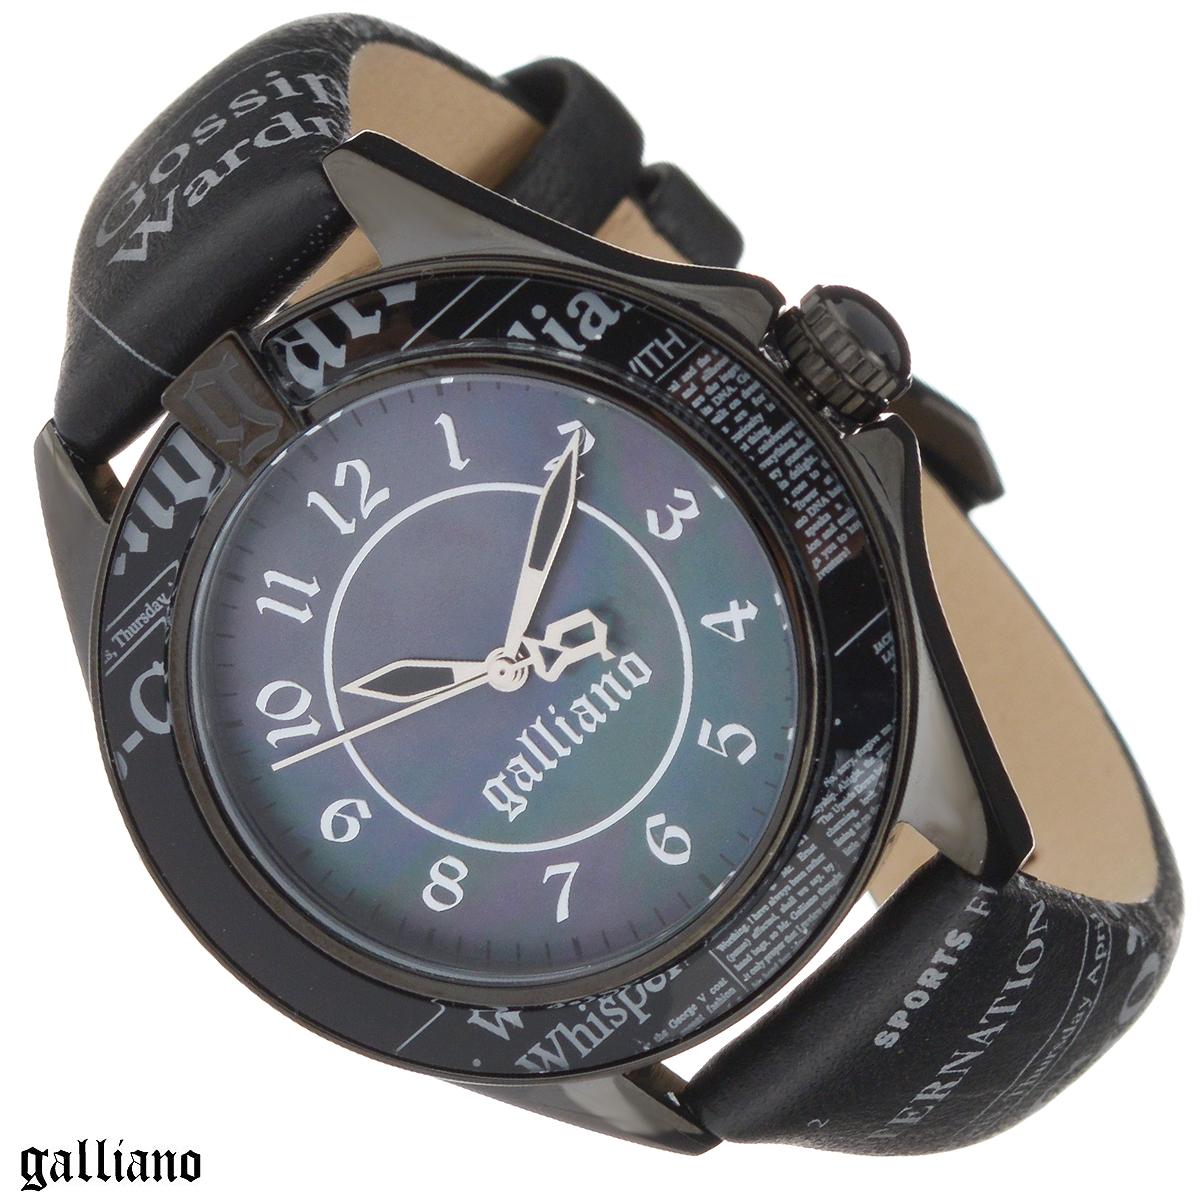 Часы женские наручные Galliano, цвет: черный. R2551105502R2551105502Наручные женские часы Galliano оснащены кварцевым механизмом. Корпус выполнен из высококачественной нержавеющей стали, безель из высокотехнологичной смолы. Циферблат из натурального перламутра с арабскими цифрами защищен минеральным стеклом. Часы имеют три стрелки - часовую, минутную и секундную. Ремешок часов выполнен из натуральной кожи и оснащен классической застежкой. Заводная головка с защитой украшена камнем в форме кабошона. Ремешок, циферблат и безель украшены фирменным принтом Galliano газета. Часы укомплектованы паспортом с подробной инструкцией. Часы Galliano благодаря своему великолепному дизайну и качеству исполнения станут главным акцентом вашего образа. Характеристики: Диаметр циферблата: 3 см. Размер корпуса: 3,8 см х 4,5 см х 0,9 см. Длина ремешка (с корпусом): 21,5 см. Ширина ремешка: 1,7 см.